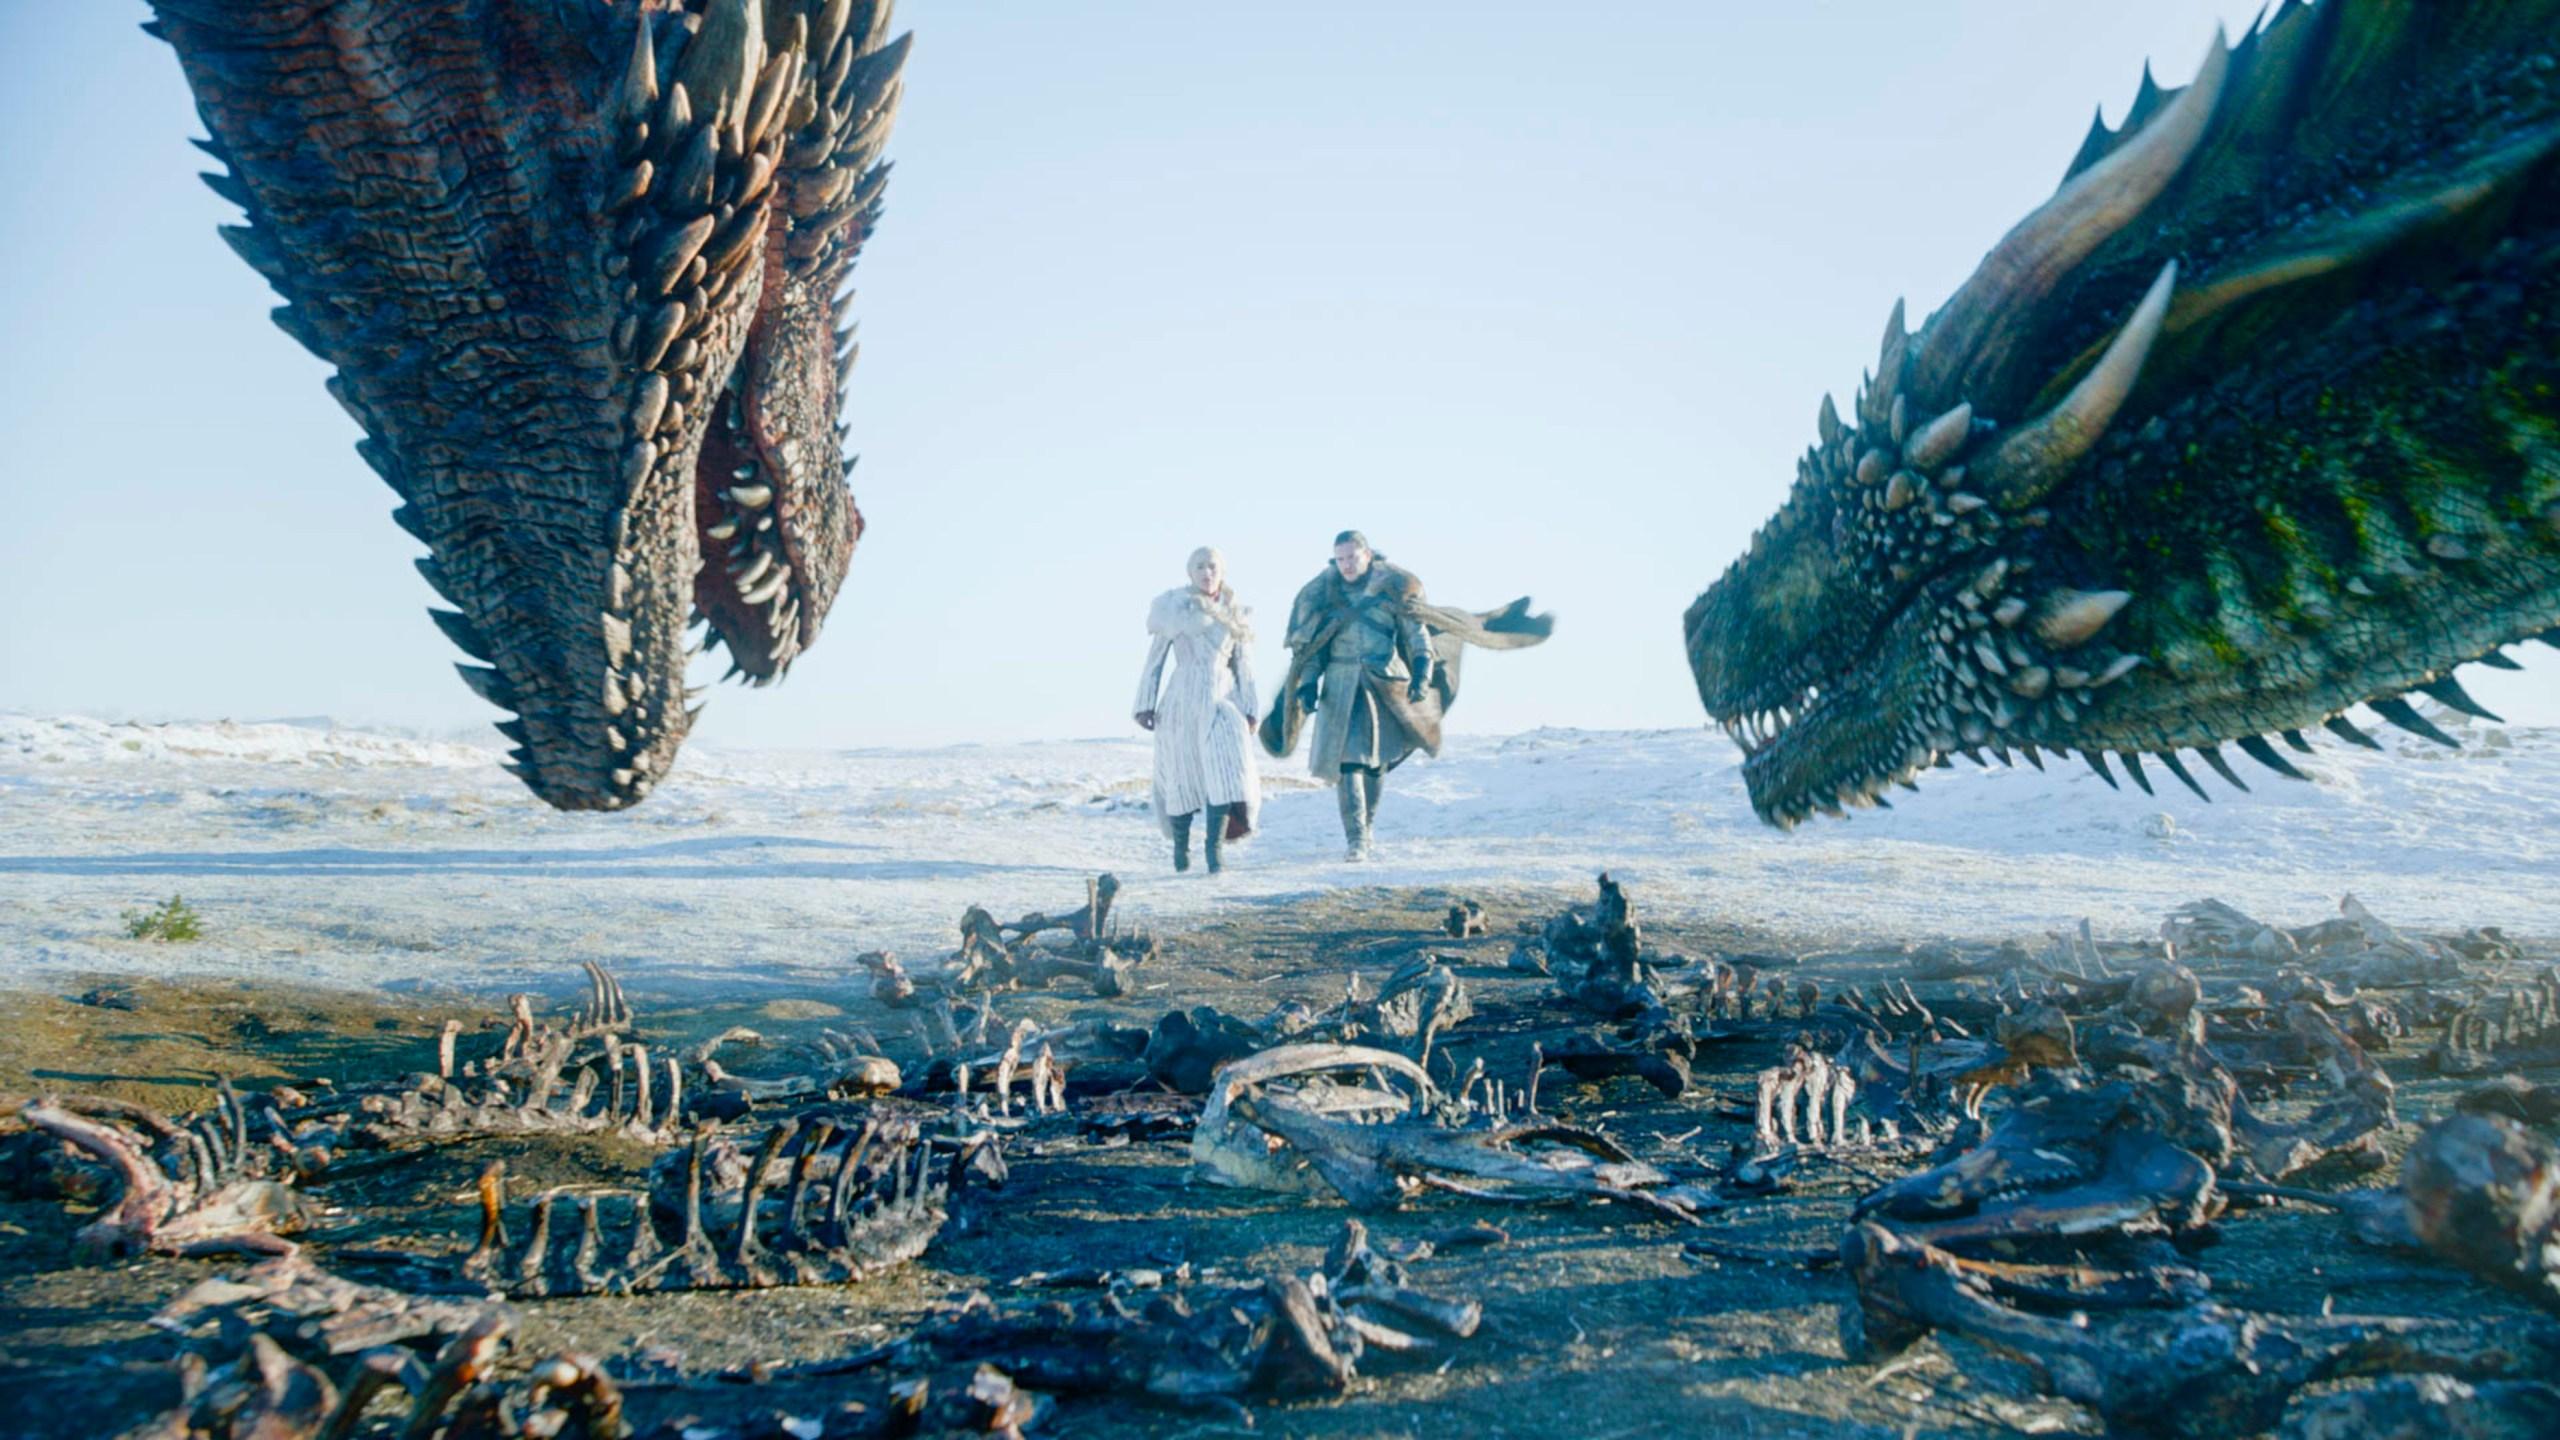 TV_Game_of_Thrones_Ratings_96769-159532.jpg88940293